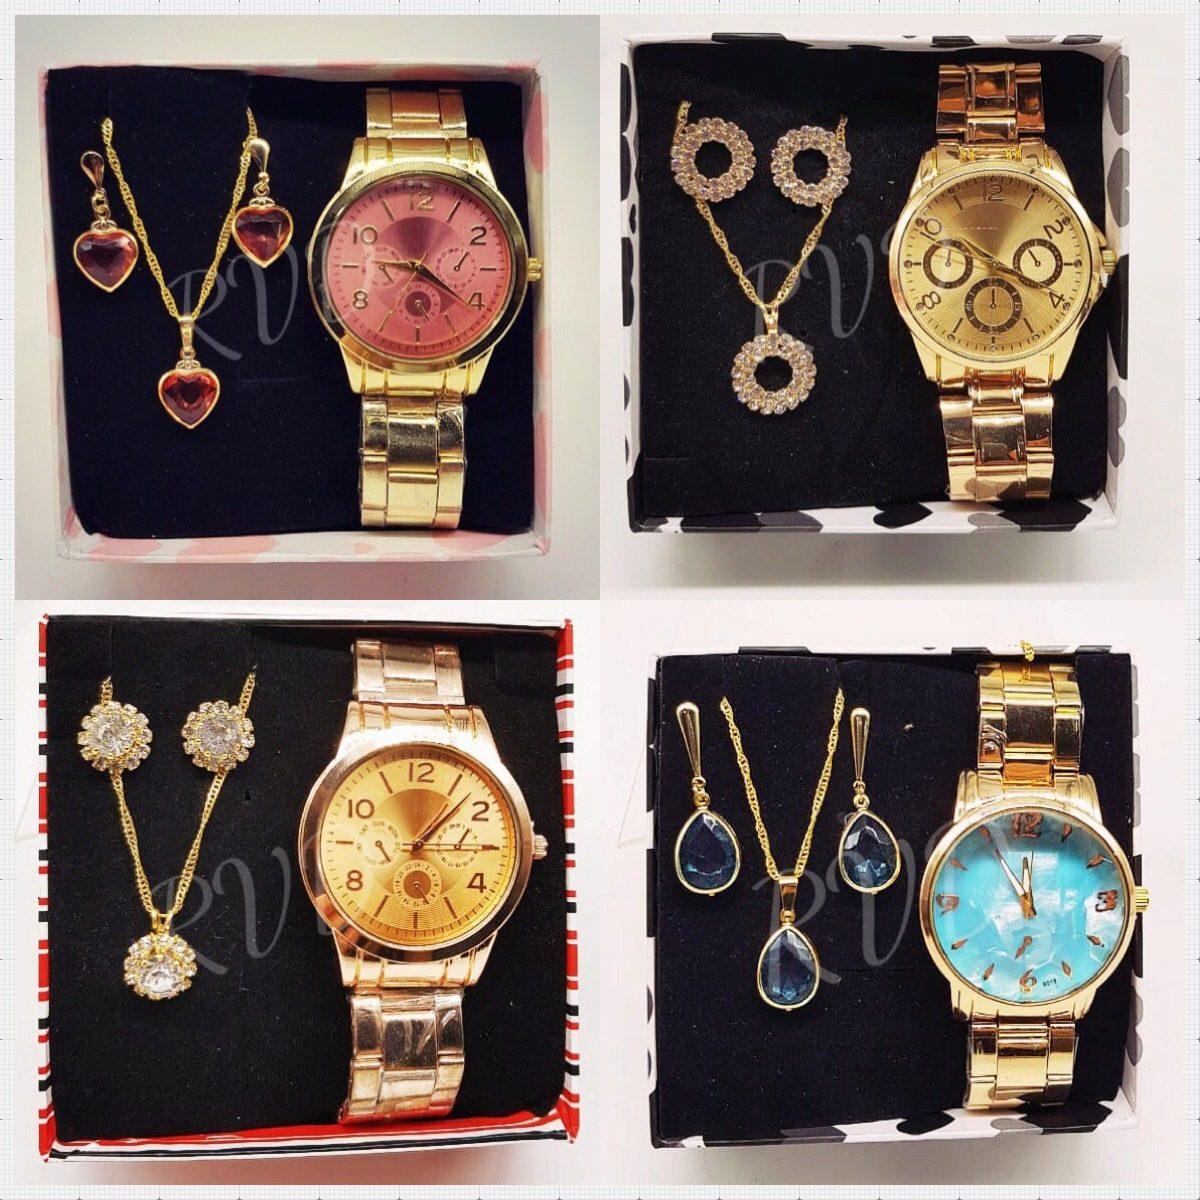 c4a914bcff5 Kit Com 05 Relógios Feminino Atacado + Joias Foliado + Caixa - R ...